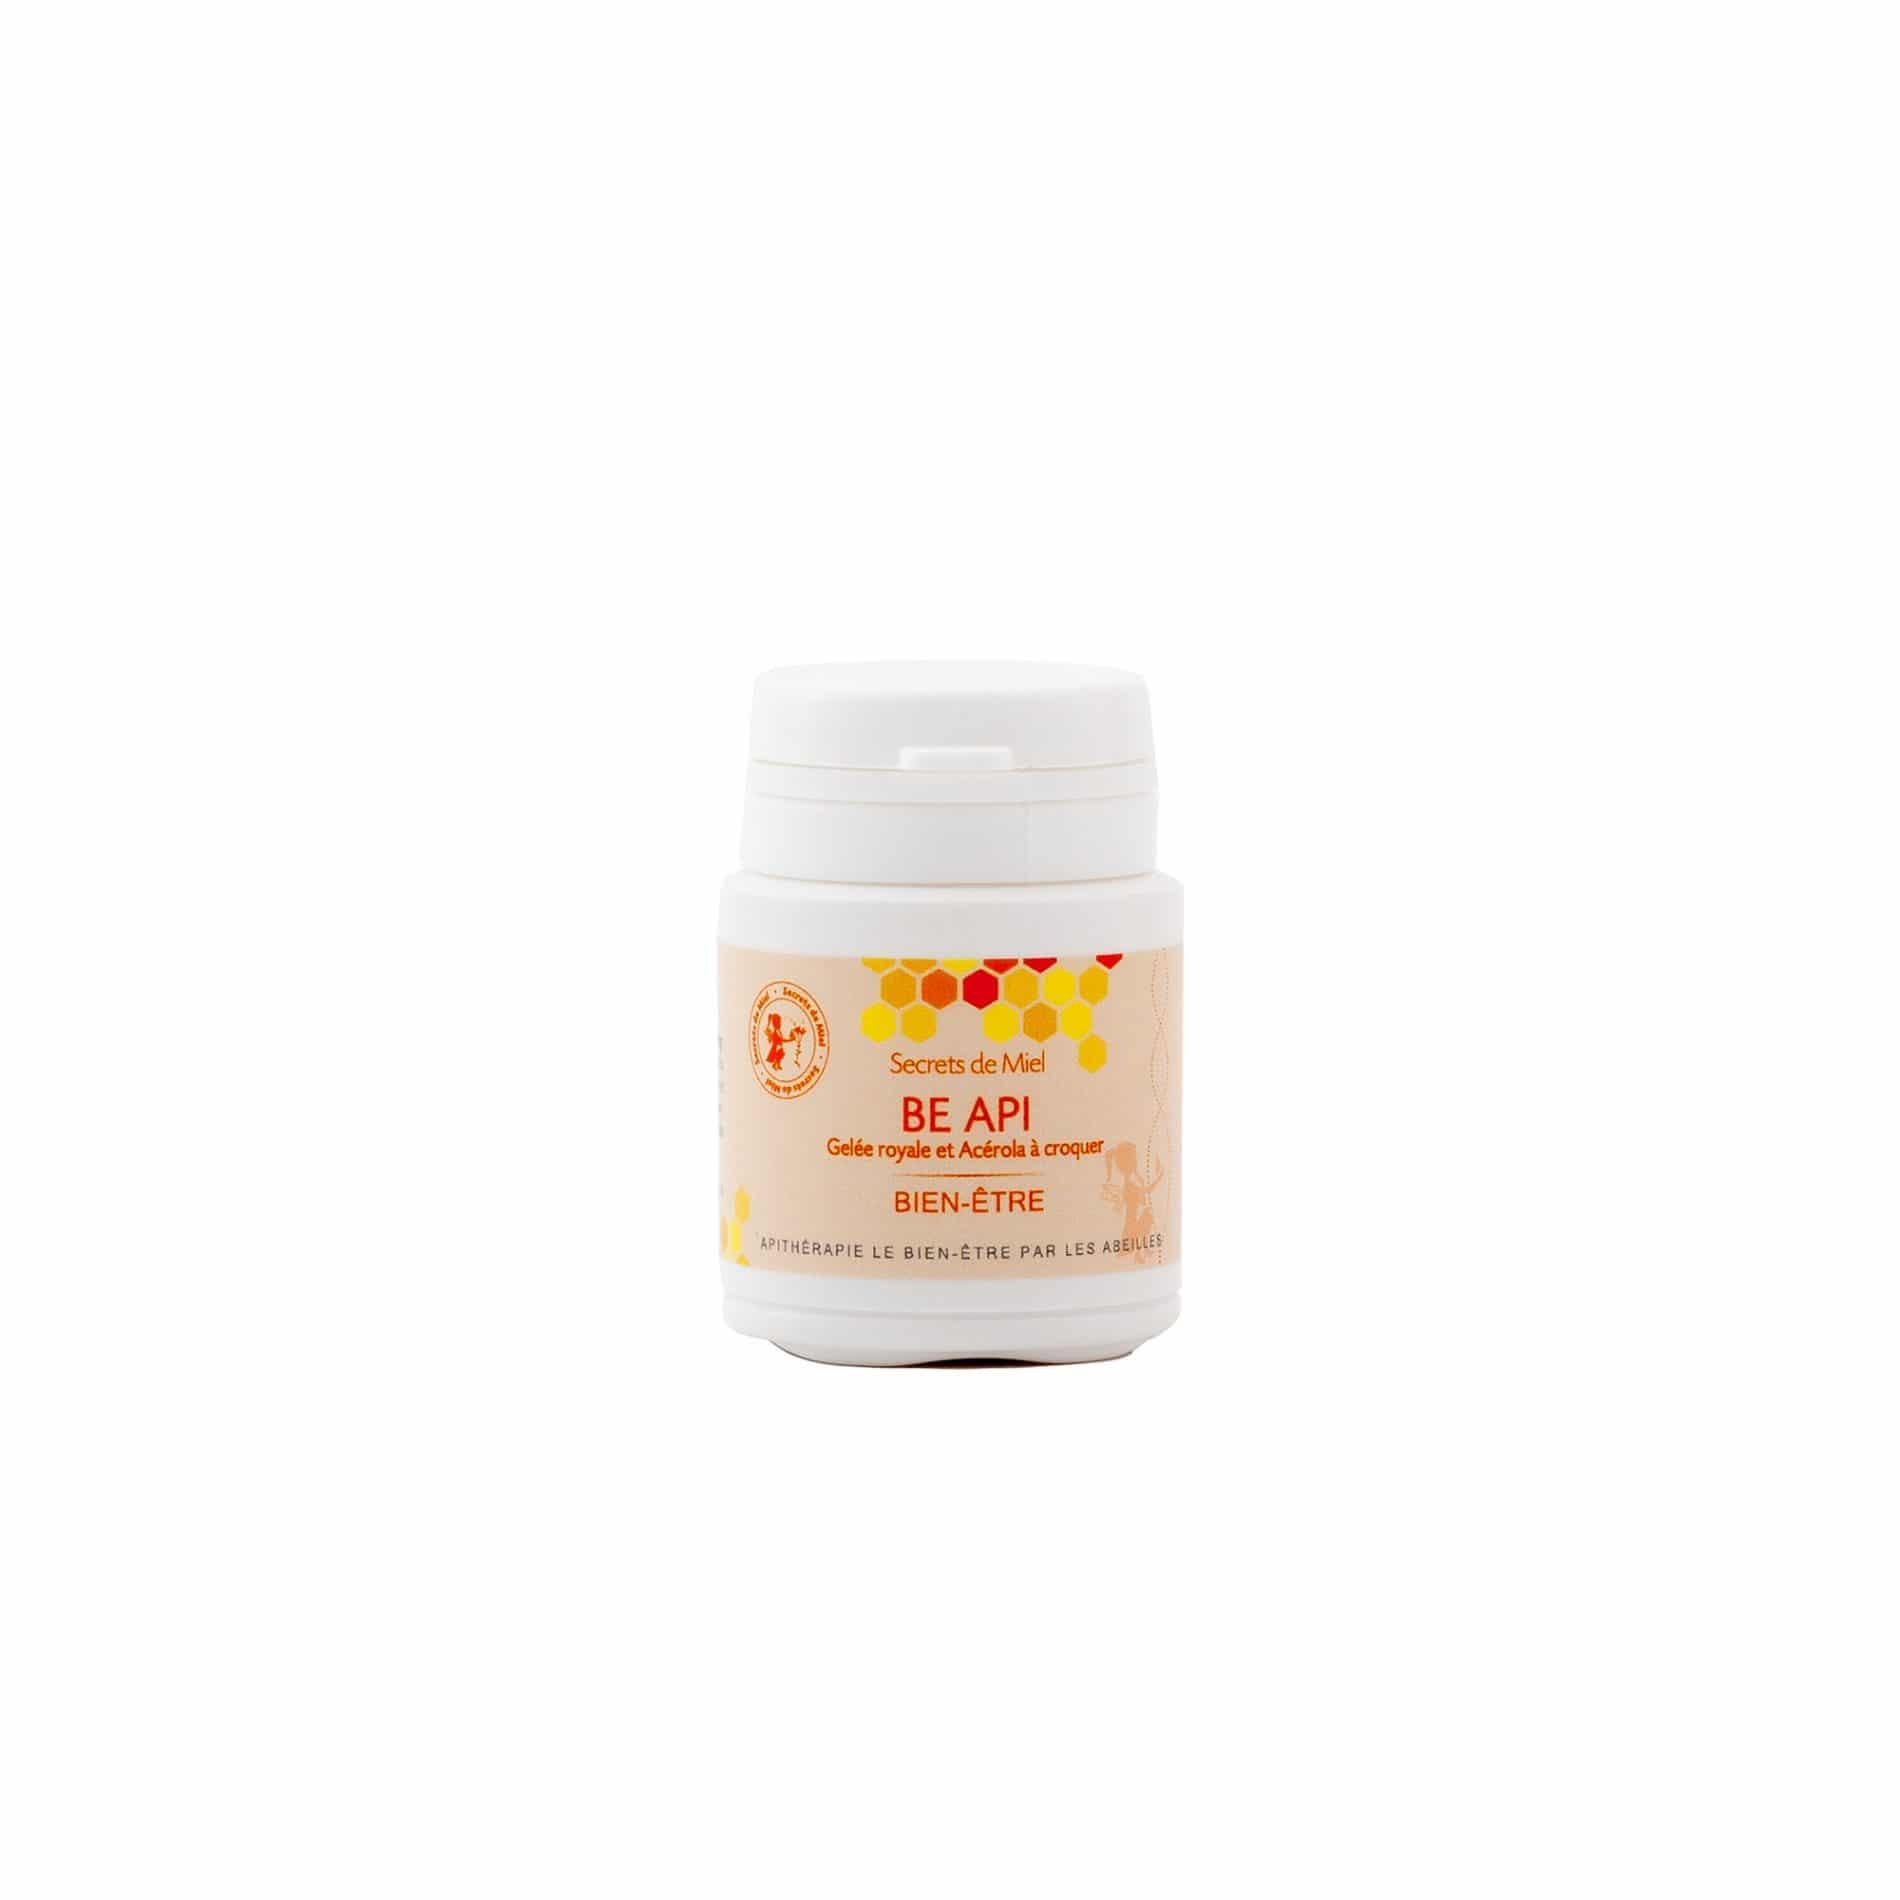 Be Api - gelules - vitamines - coup de boost - être en forme - gelée royale - ruche - booster - vitamines C - produit naturel - Secrets de Miel